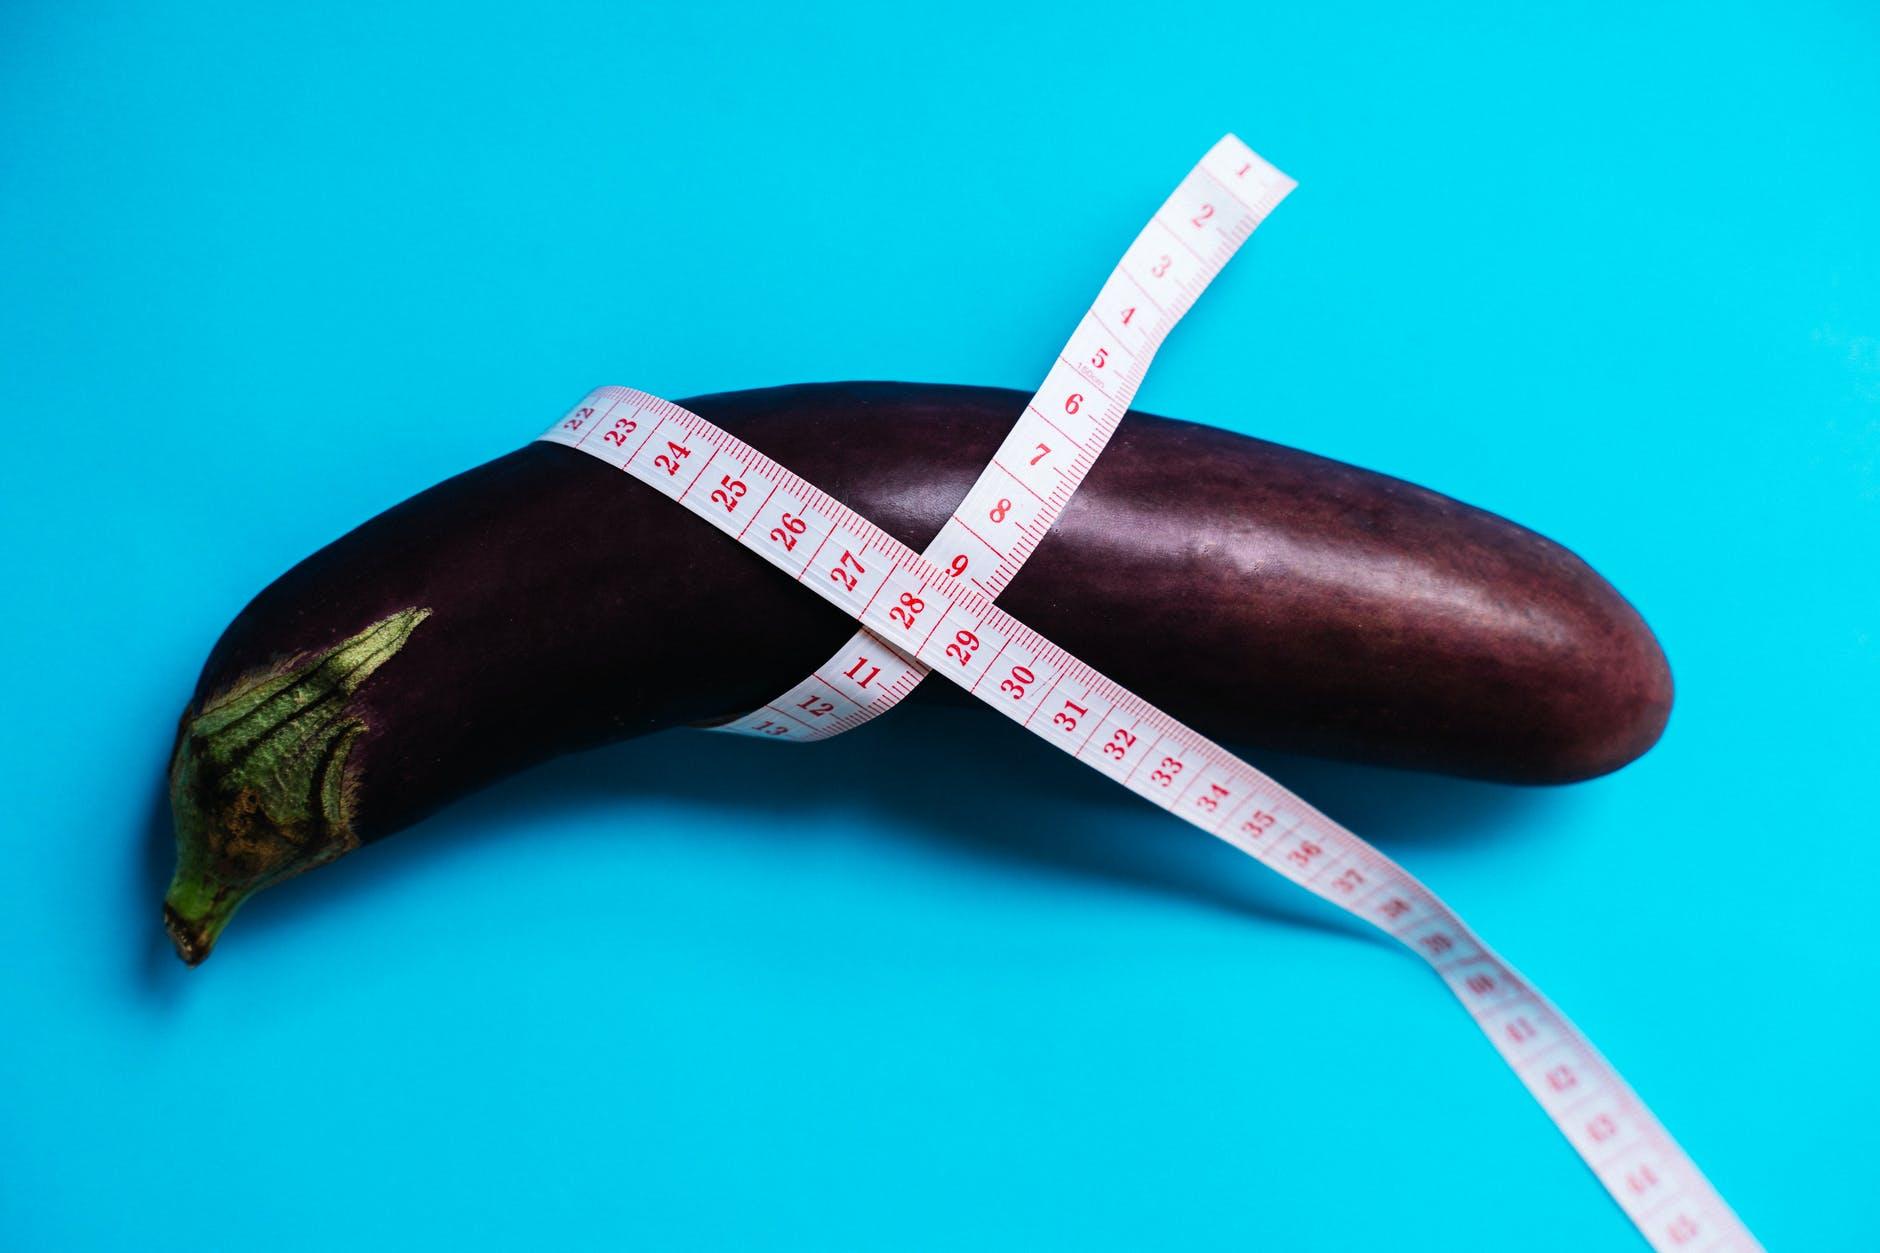 Os 5 principais alimentos para queima de gordura